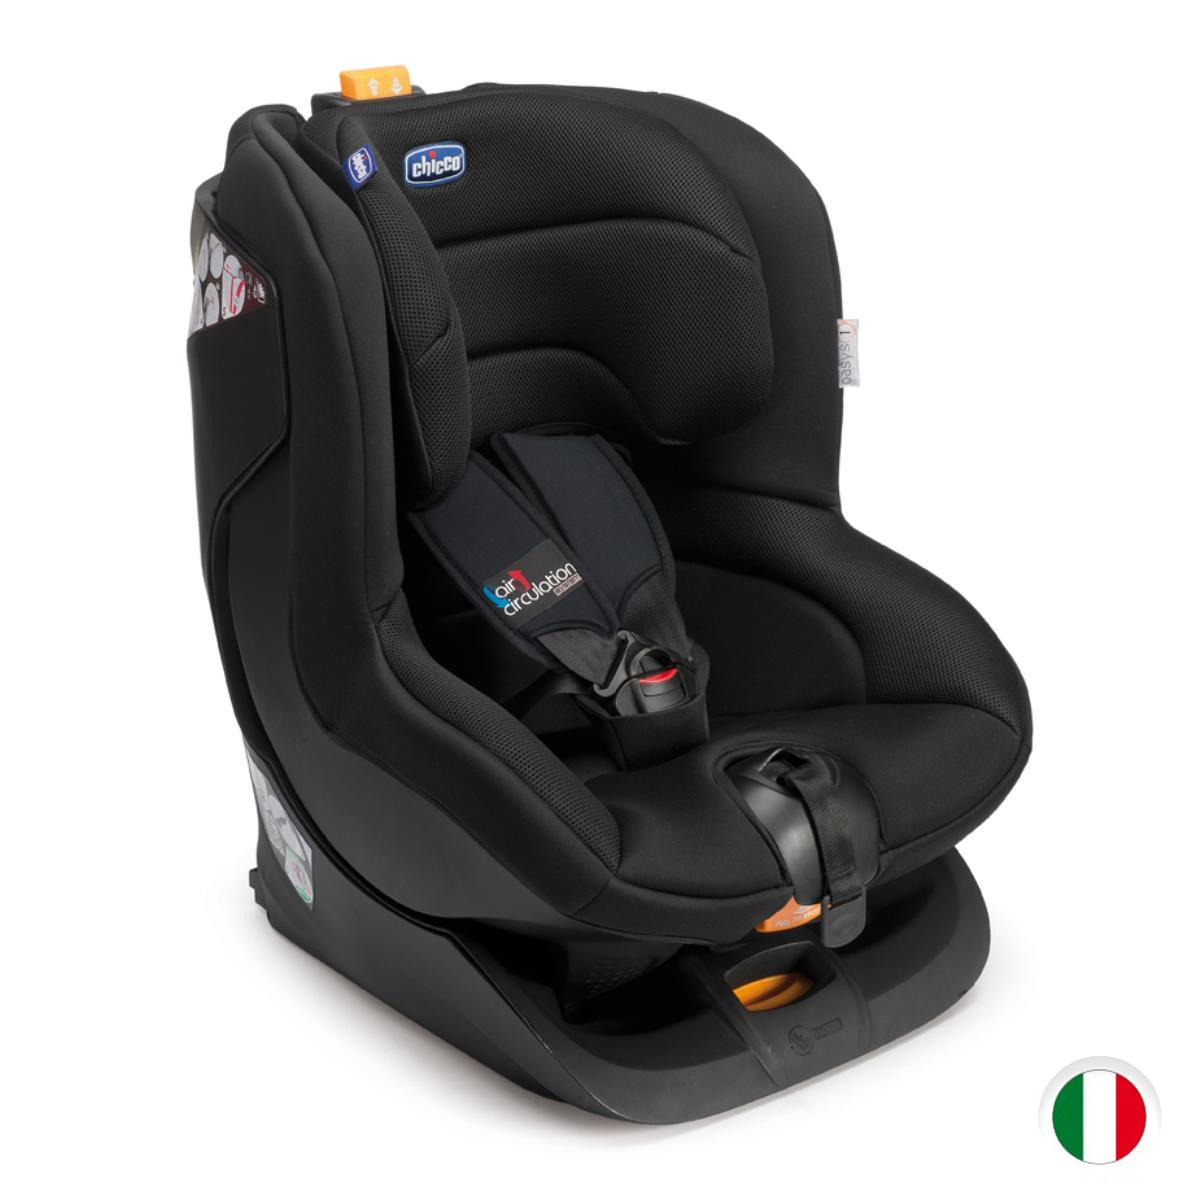 Chicco oasys 1 isofix silla de coche grupo 1 color for Silla para coche nino 4 anos